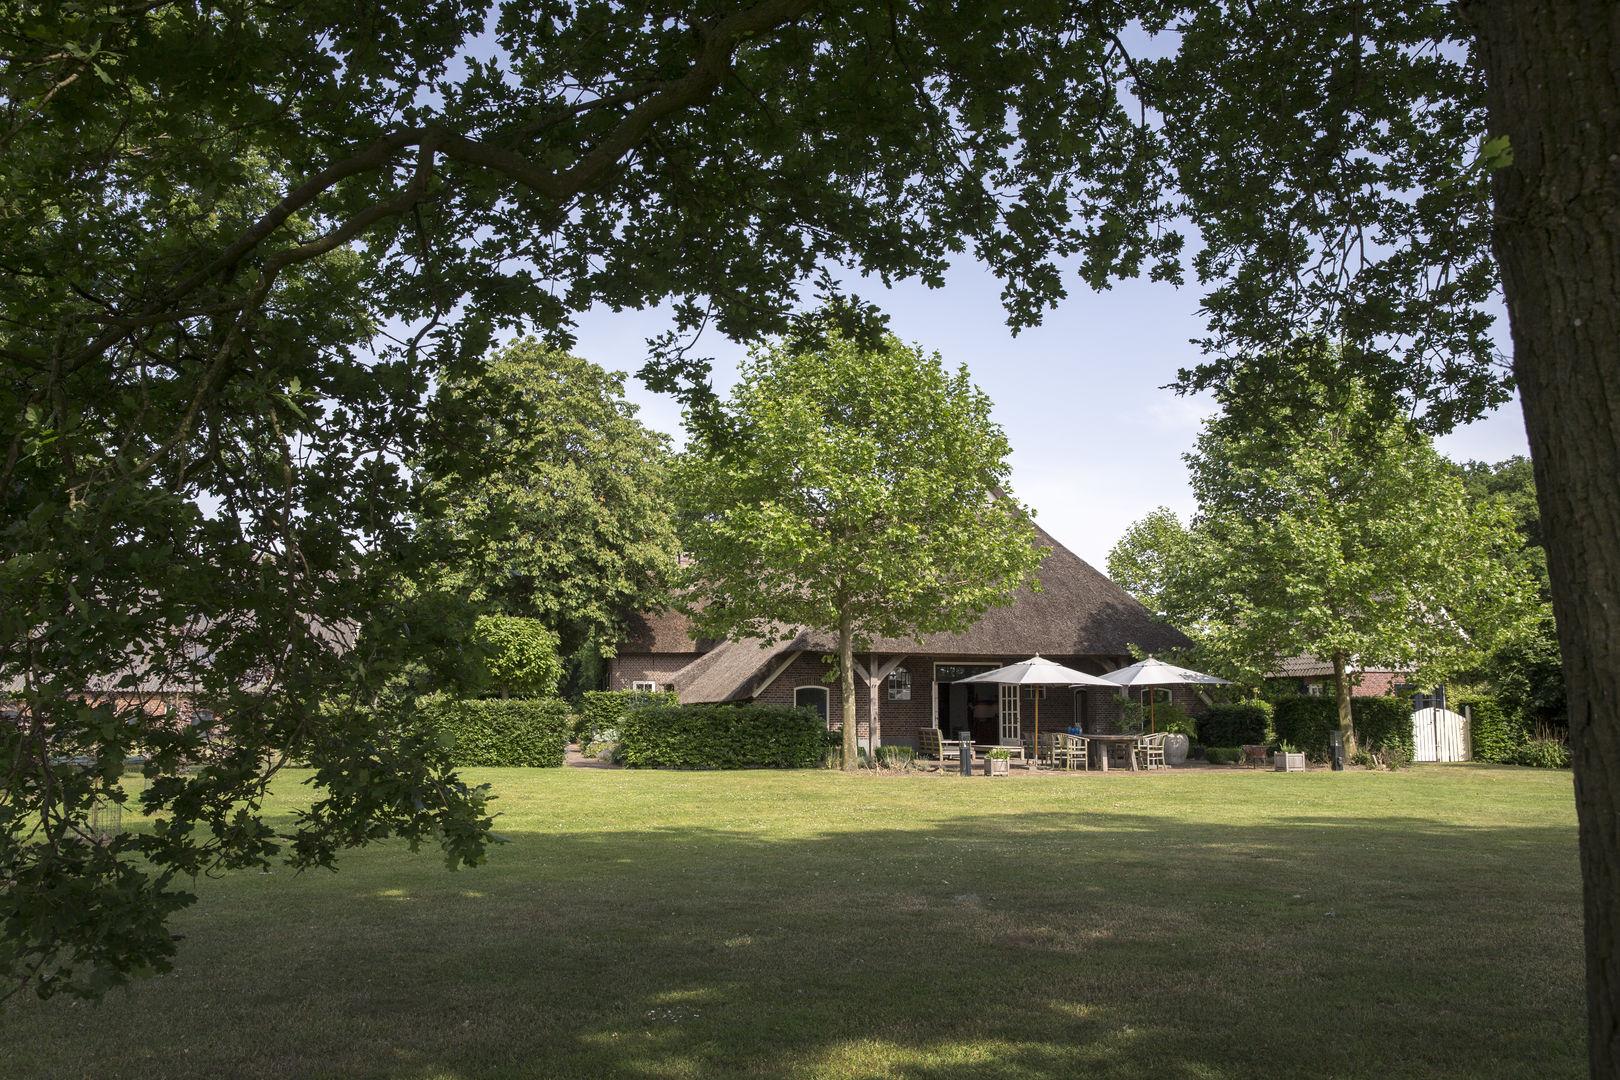 участок загородного дома газон деревья